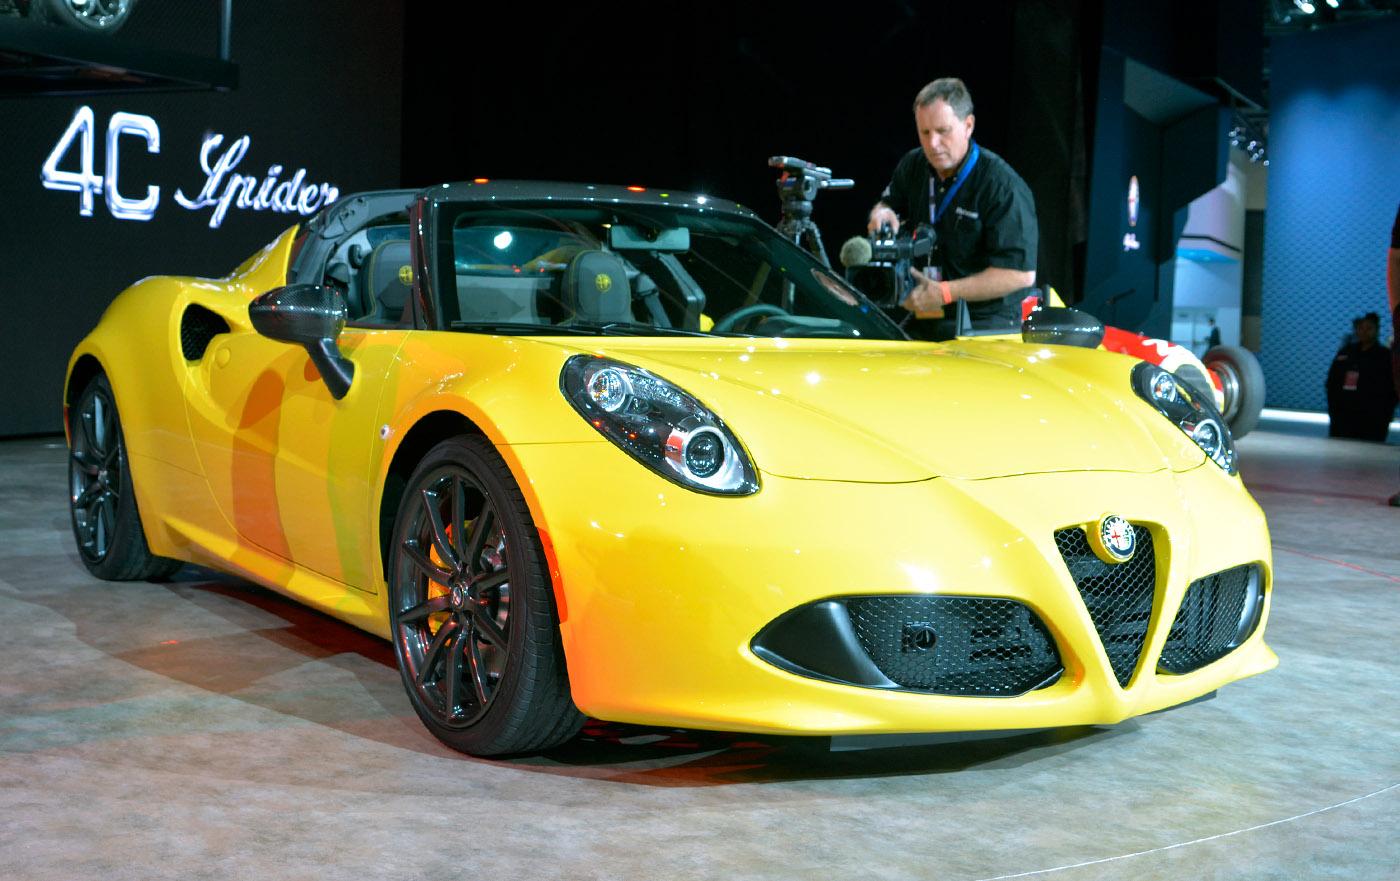 Alfa Romeo keert terug in de VS met 4C Spider